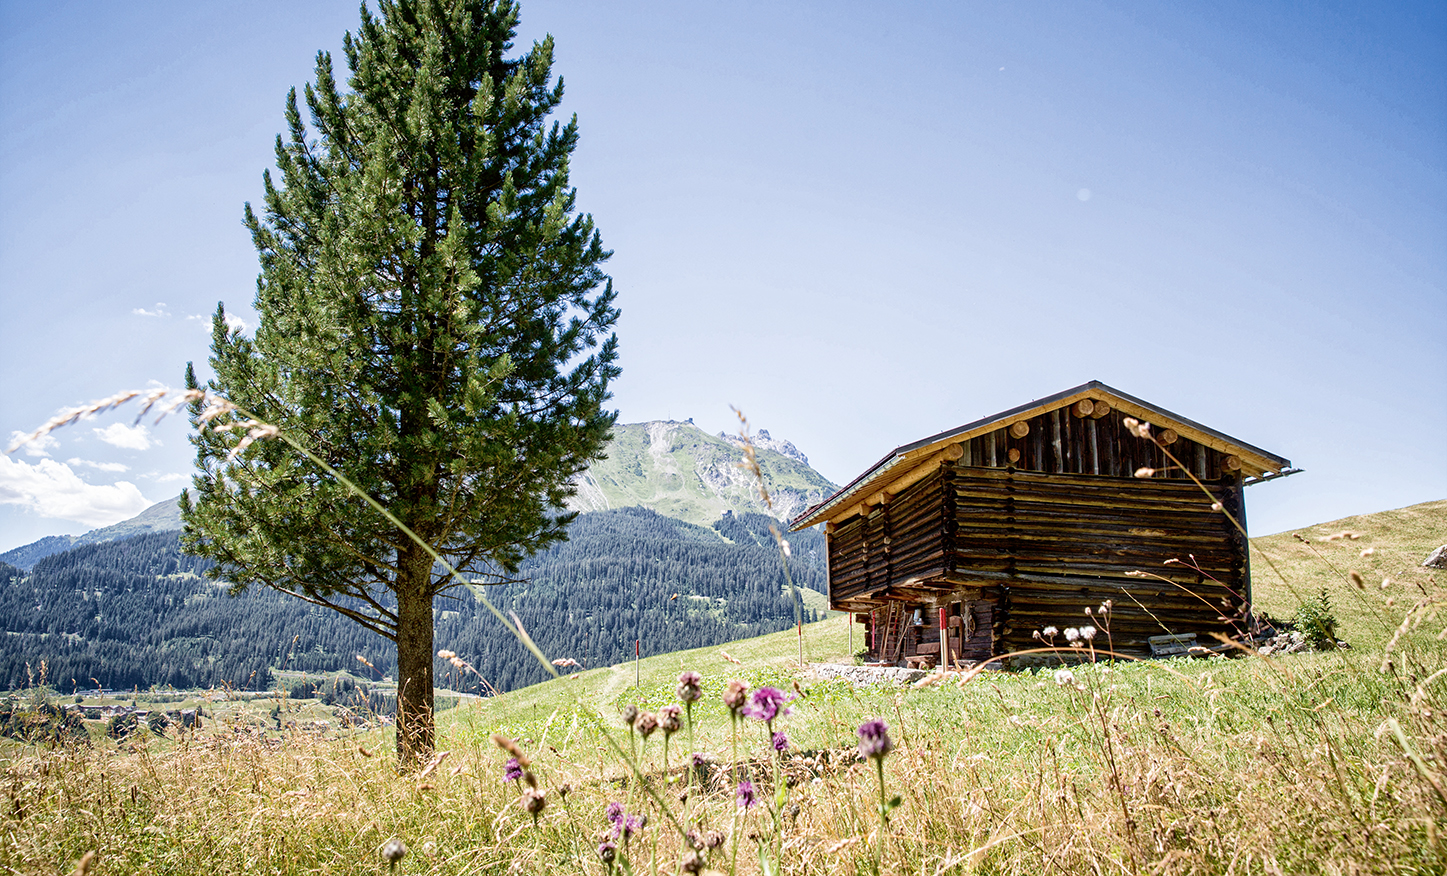 Gadäwäg Klosters